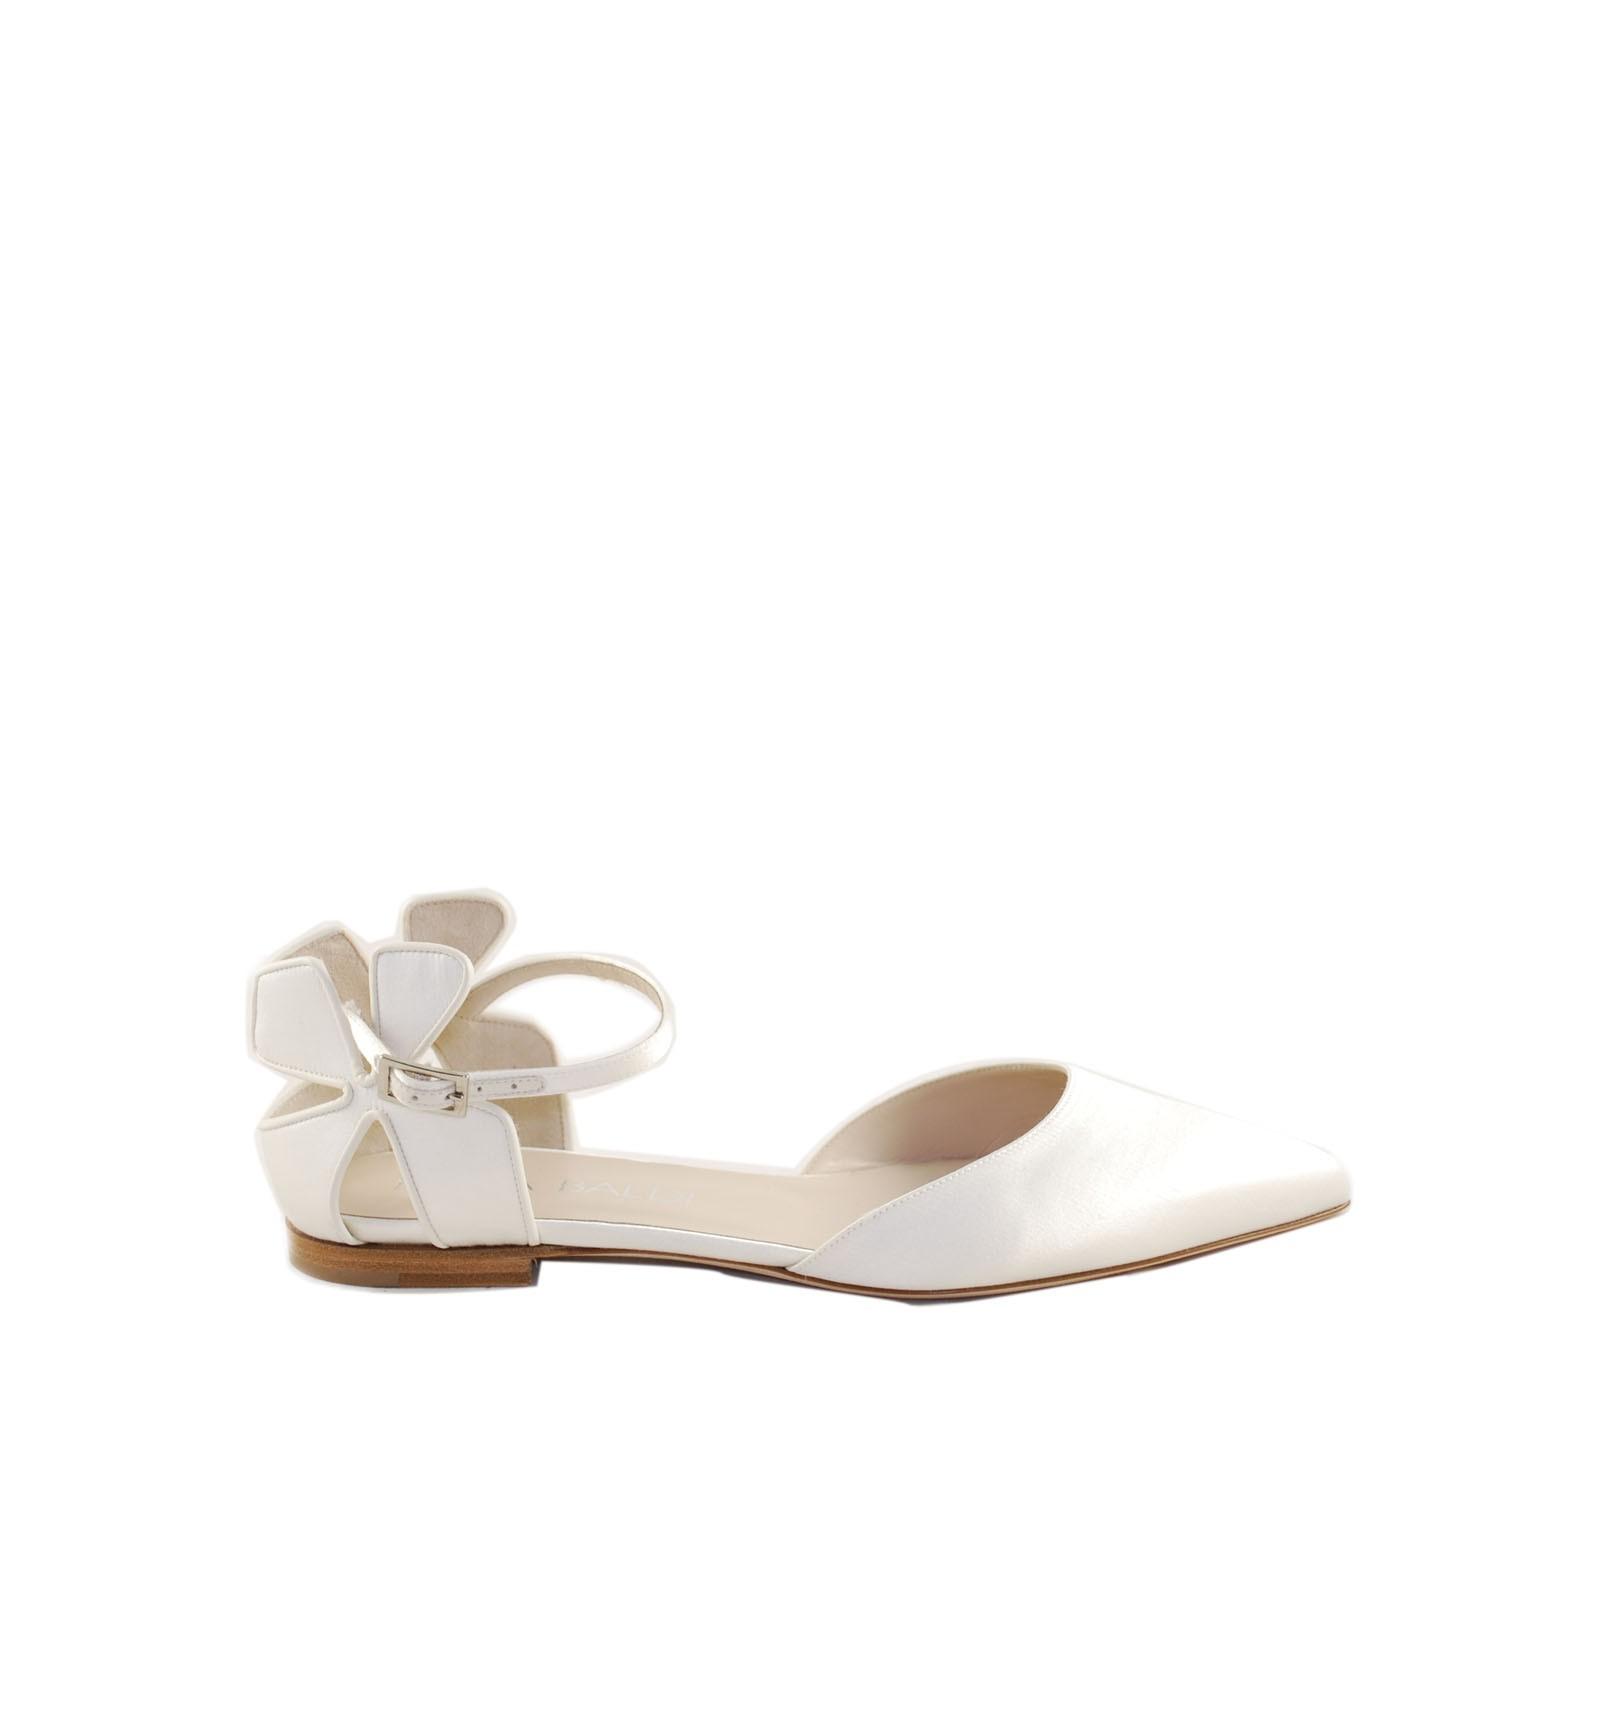 Acquista scarpe lella baldi - OFF60% sconti 47bf55ba0e2